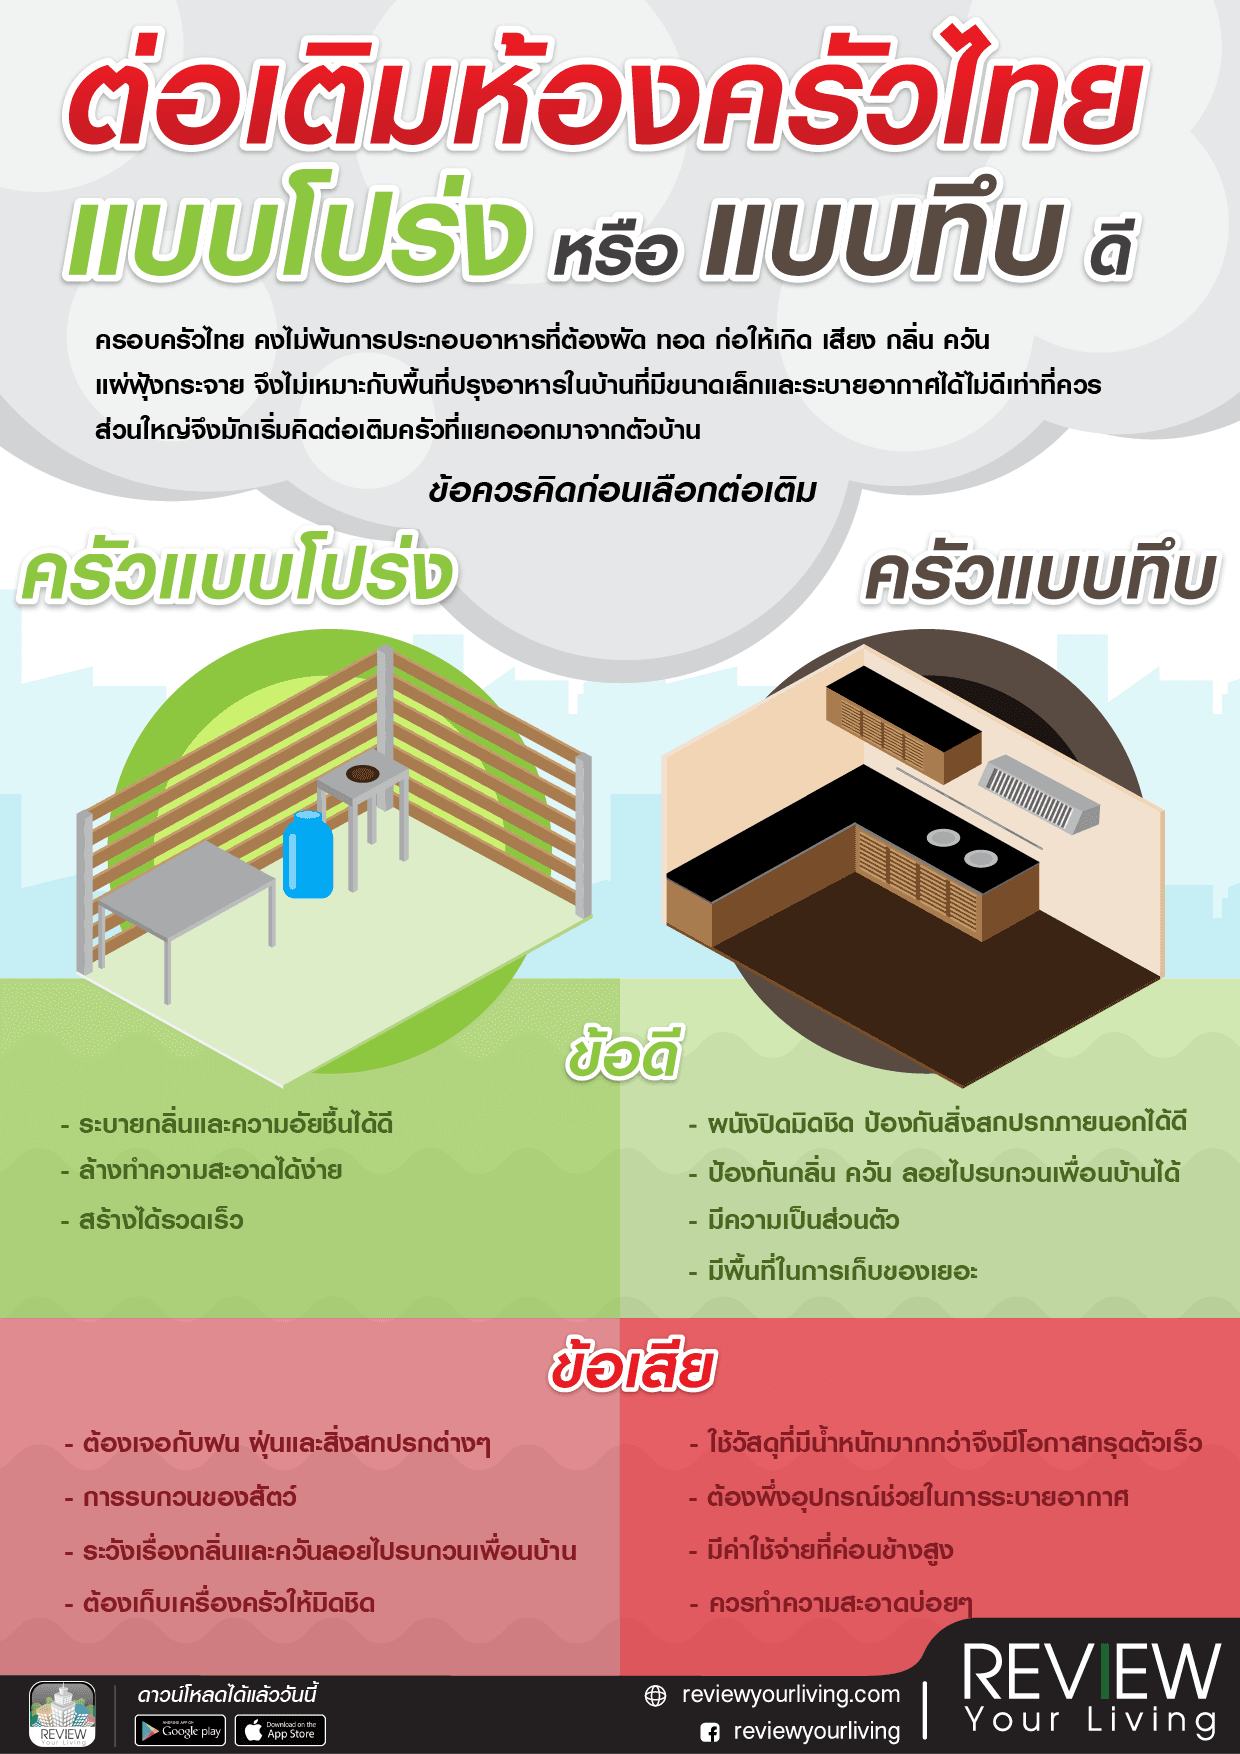 ต่อเติมครัวไทย แบบโปร่งหรือแบบทึบดี?